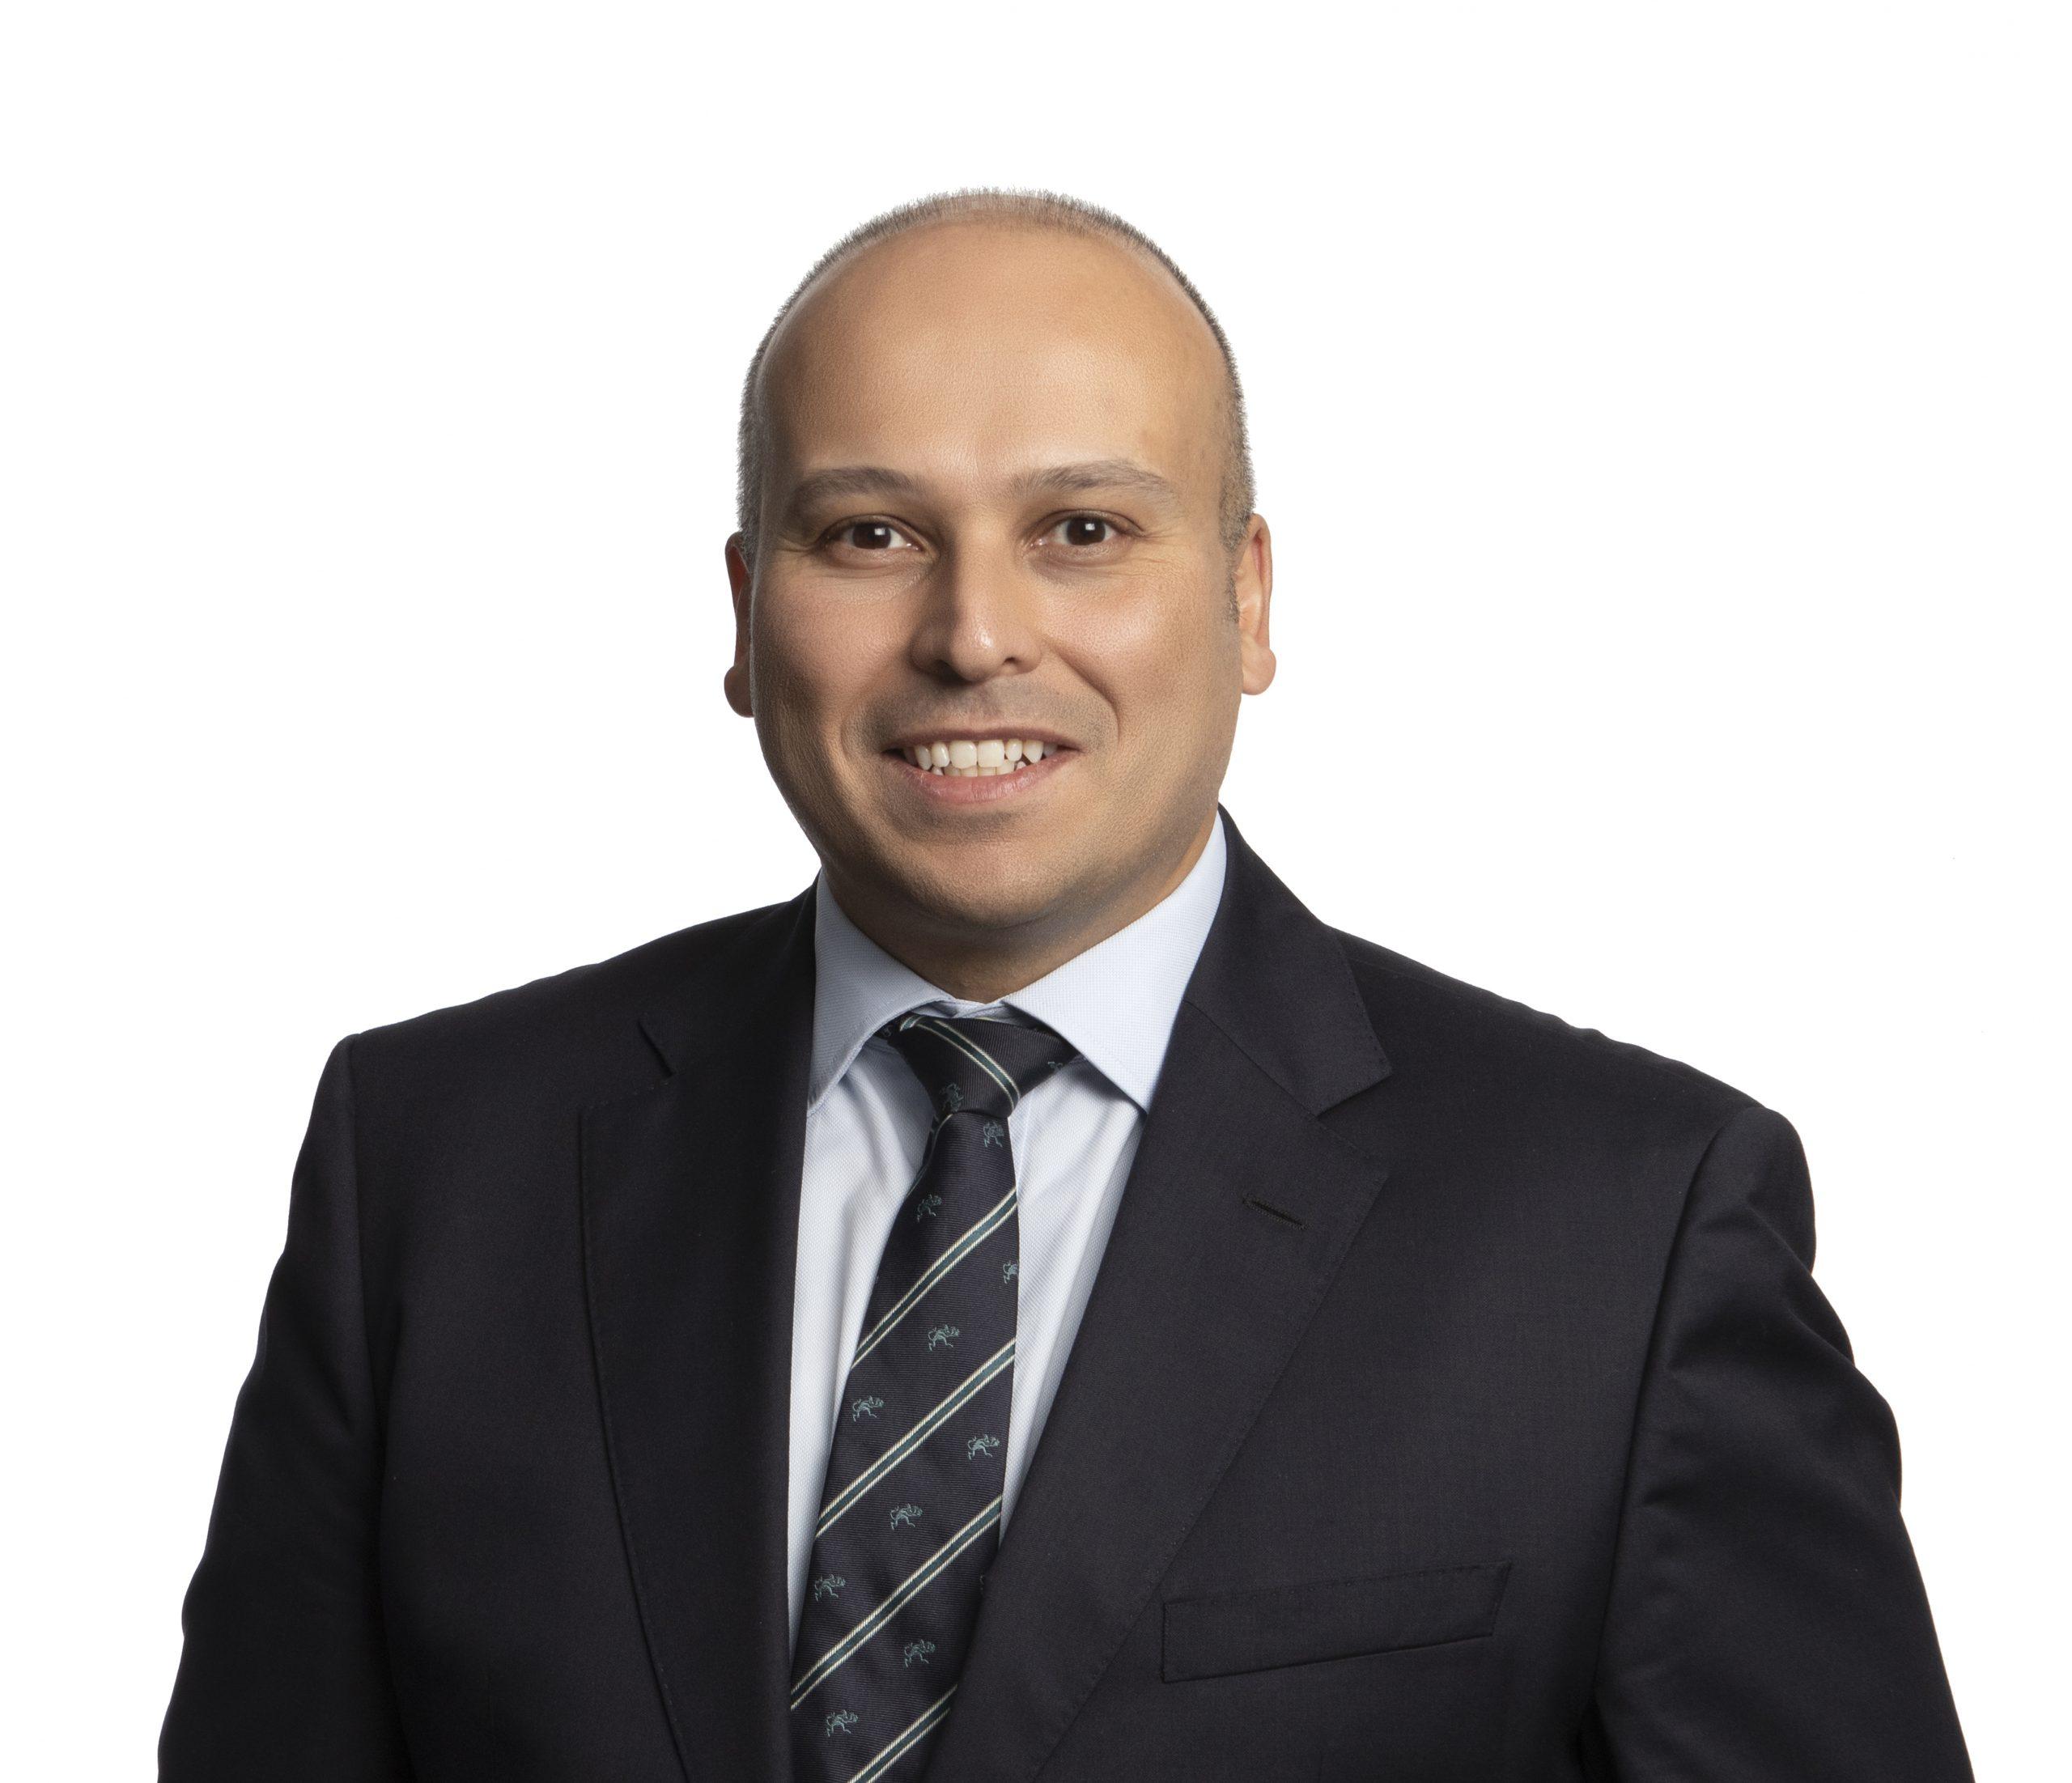 Kivanch Mehmet